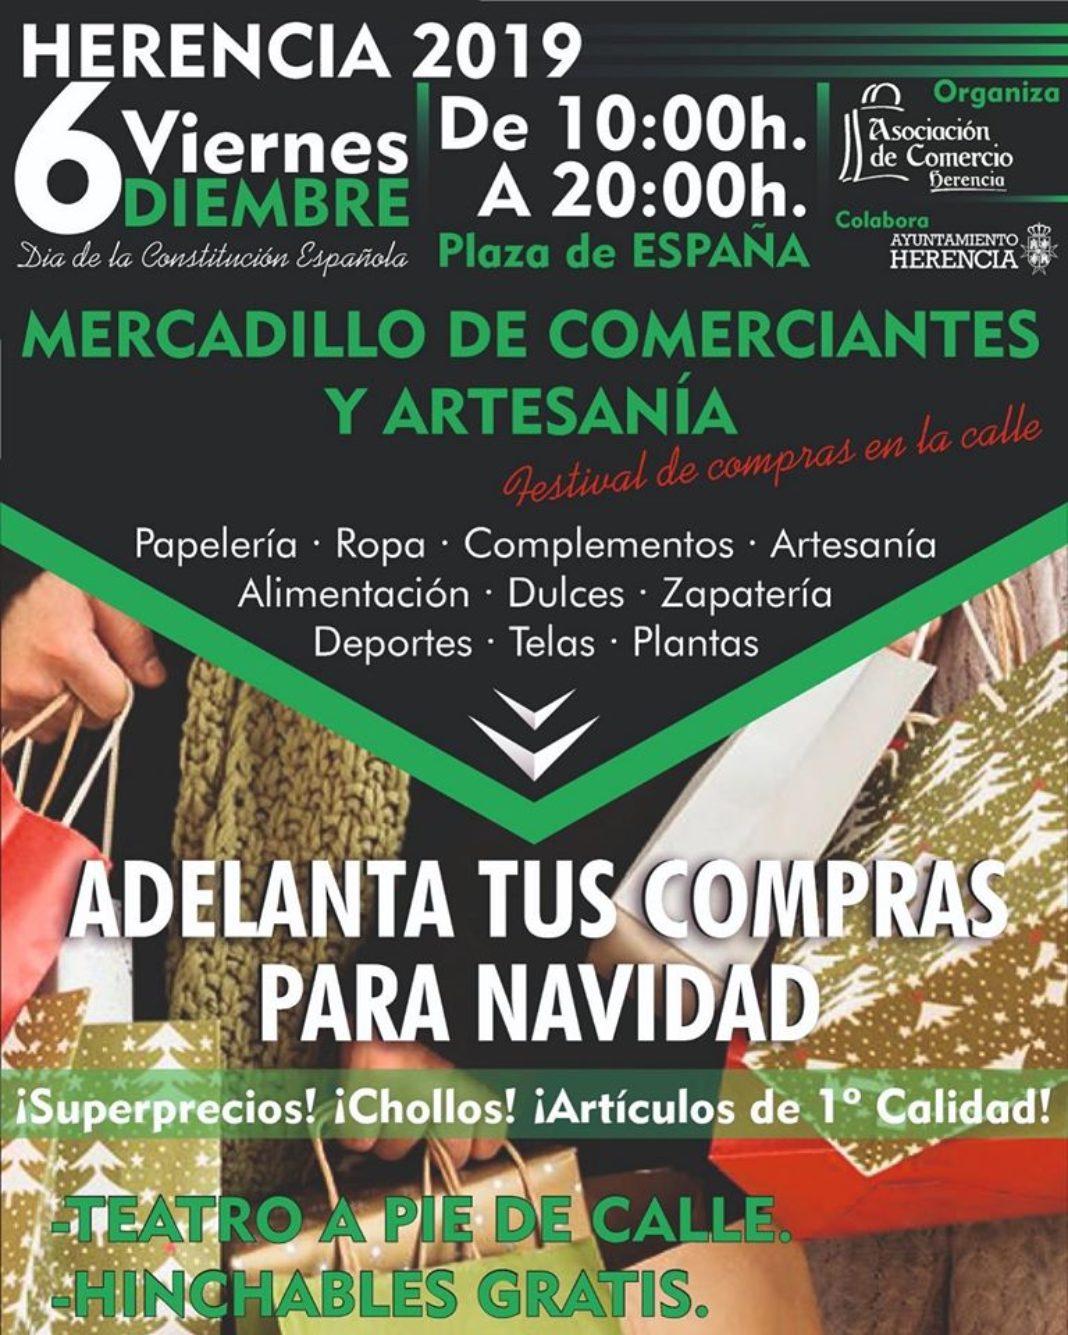 Mercadillo de comerciantes y artesania de Herencia 1068x1335 - Nuevo mercadillo de comerciantes al aire libre el 6 de diciembre